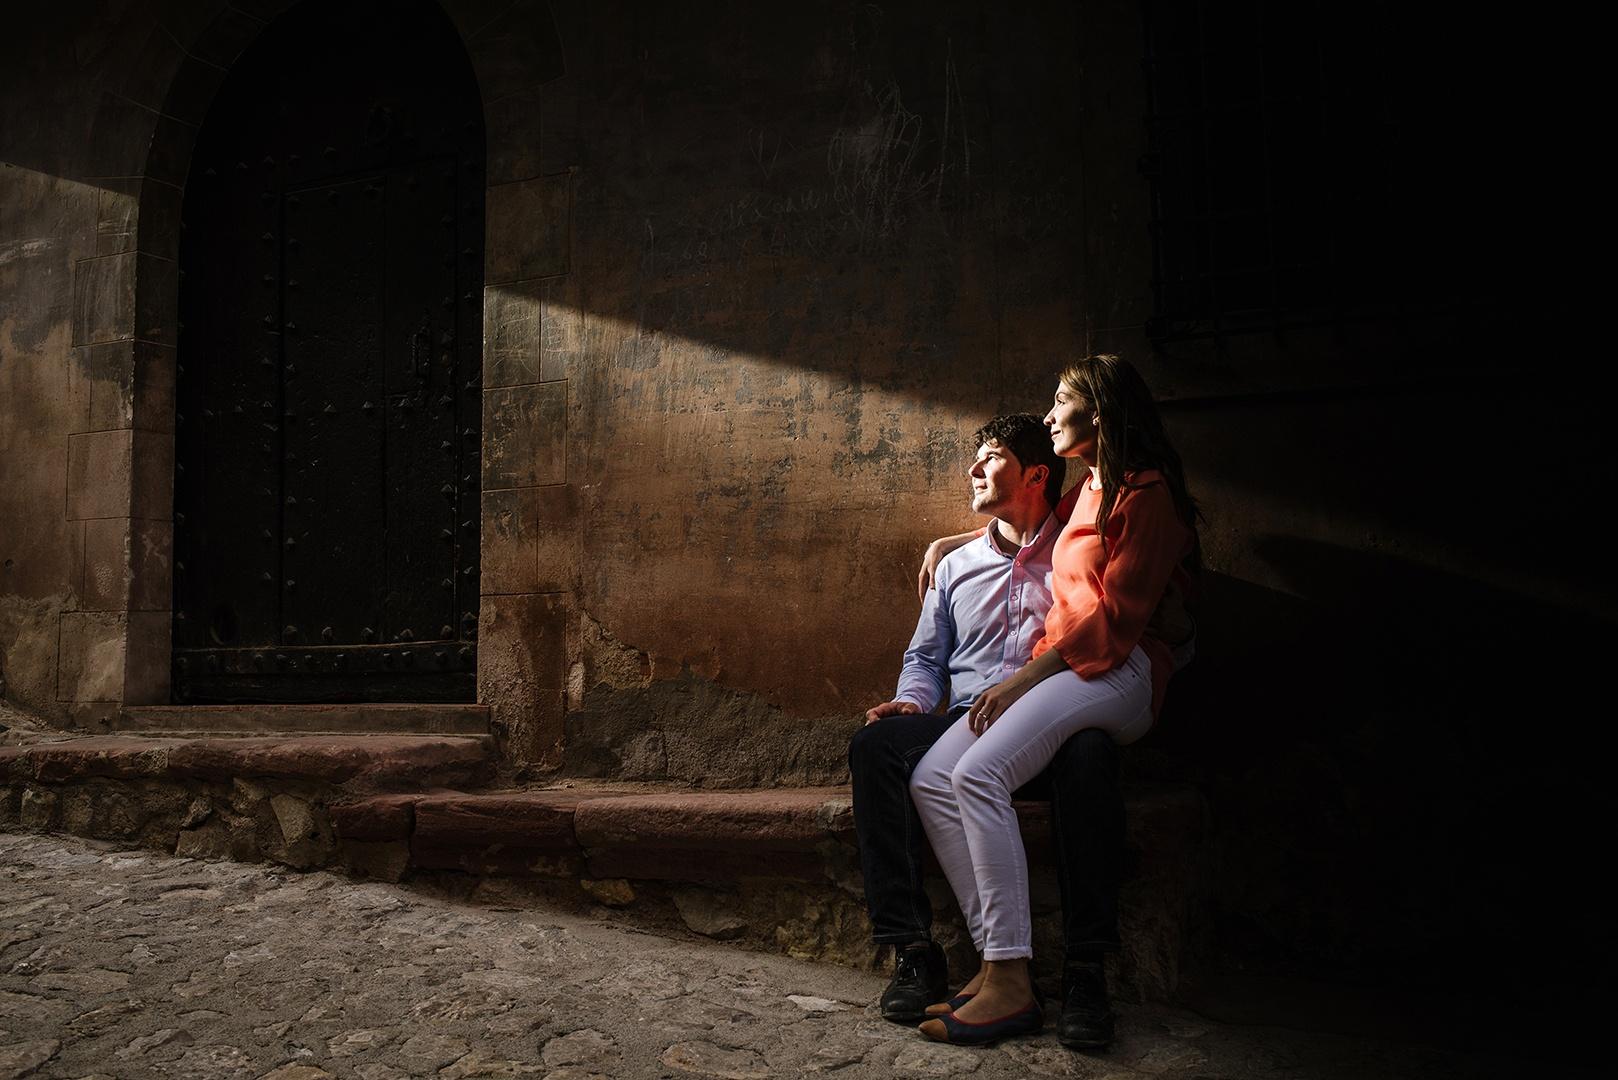 fotografo-bodas-zaragoza-preboda-sierra-de-albarracin-014